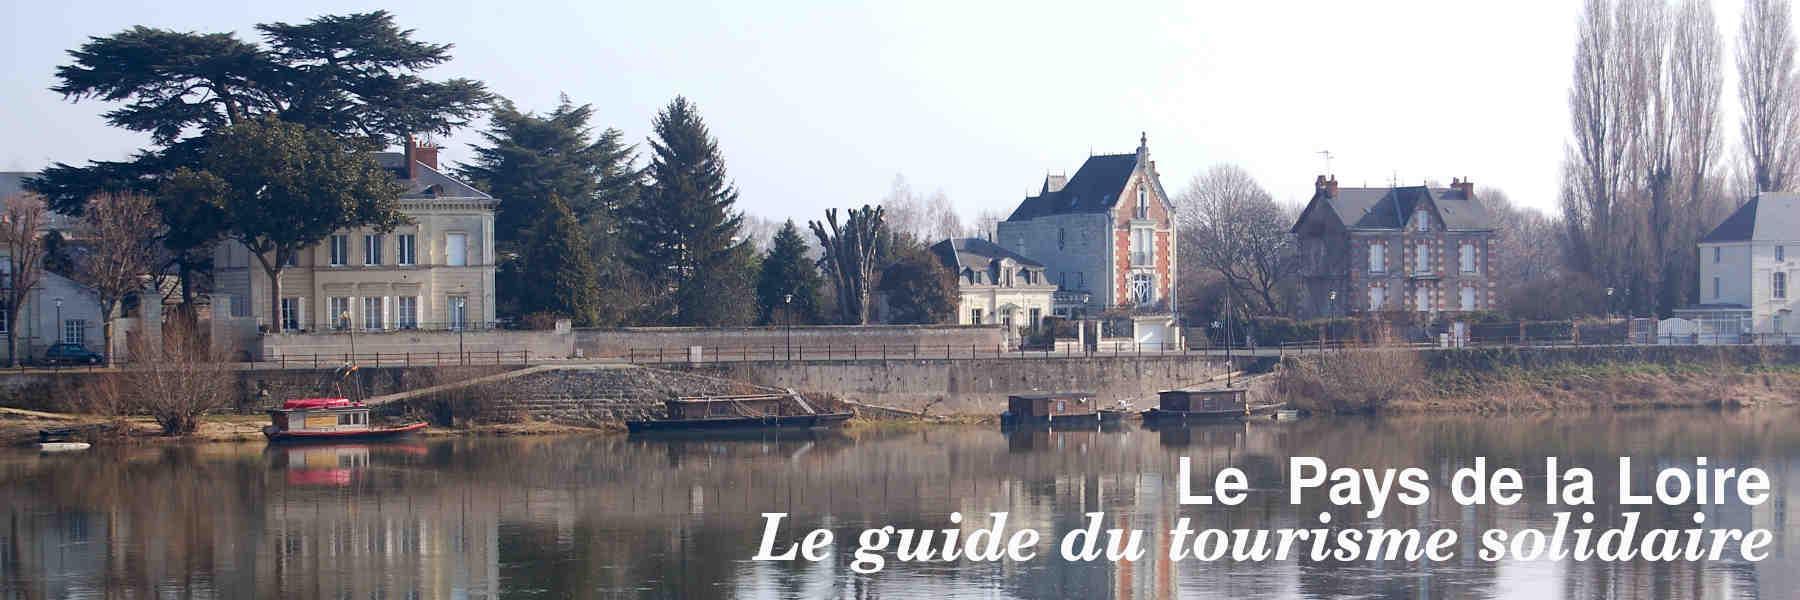 Le guide du tourisme solidaire en Pays de la Loire